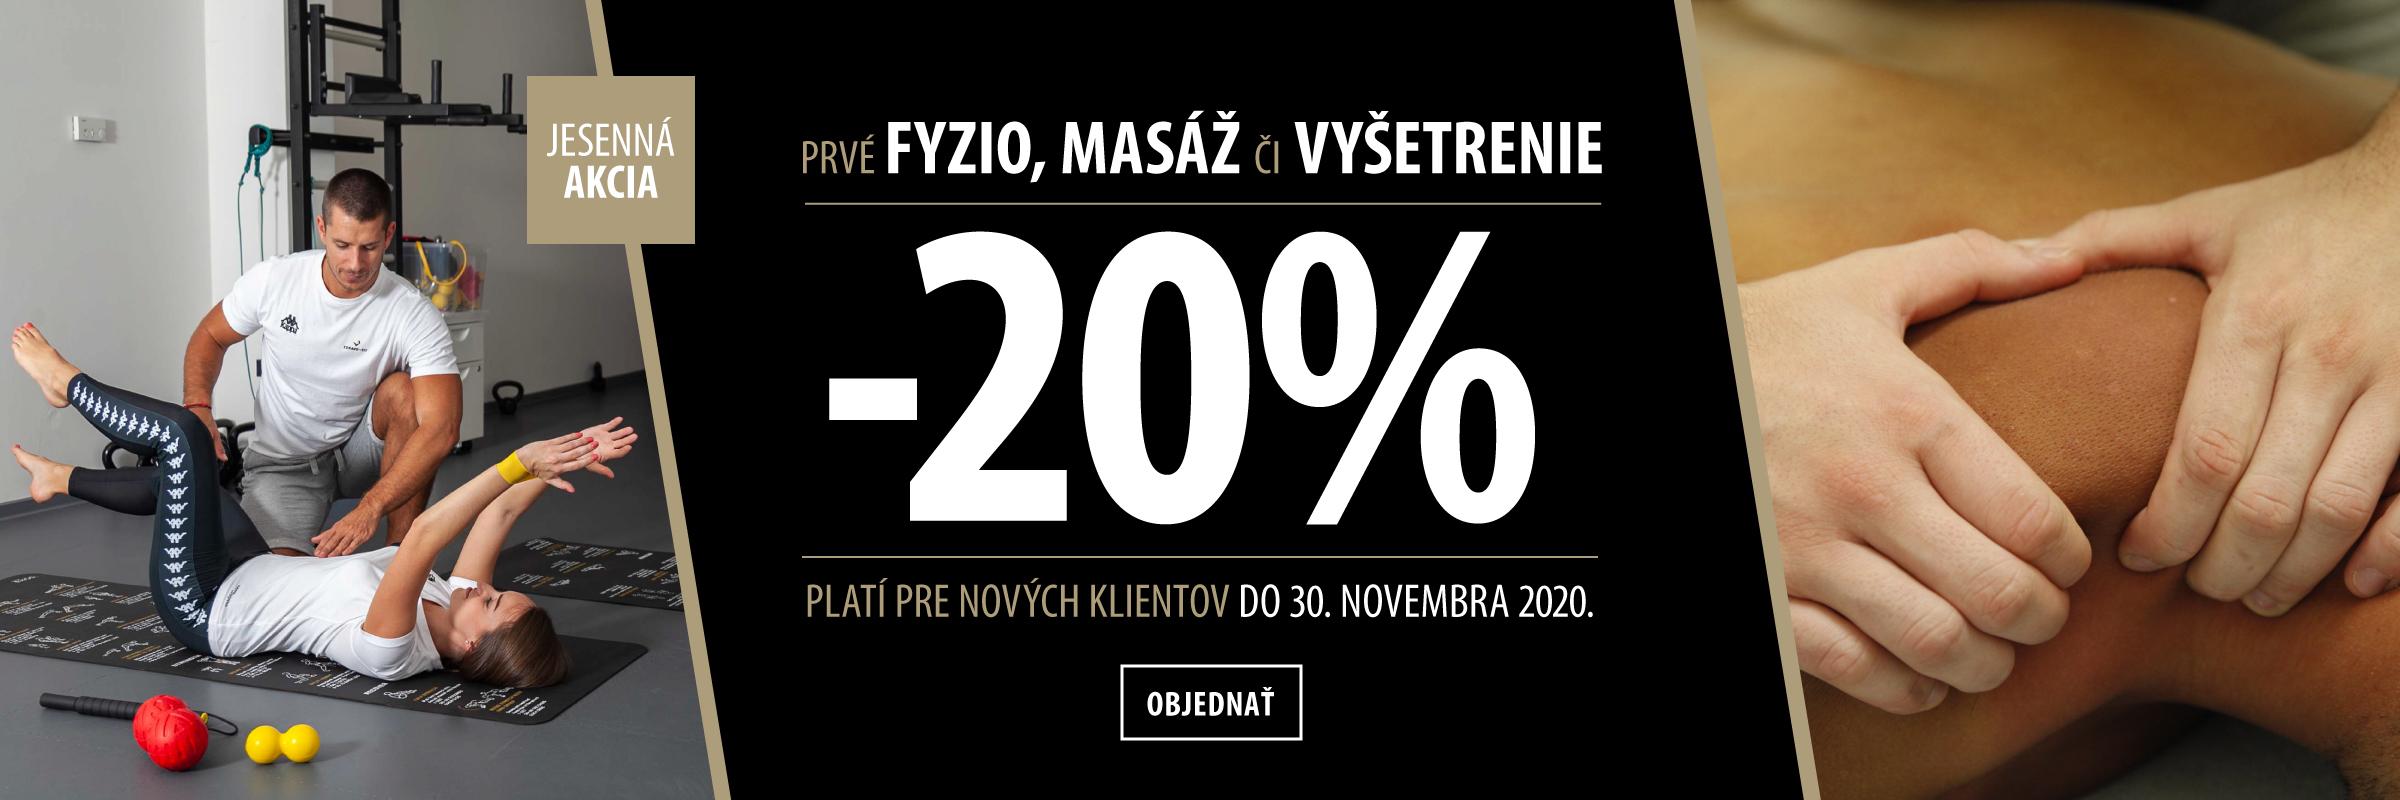 jesenna-akcia-2020.jpg